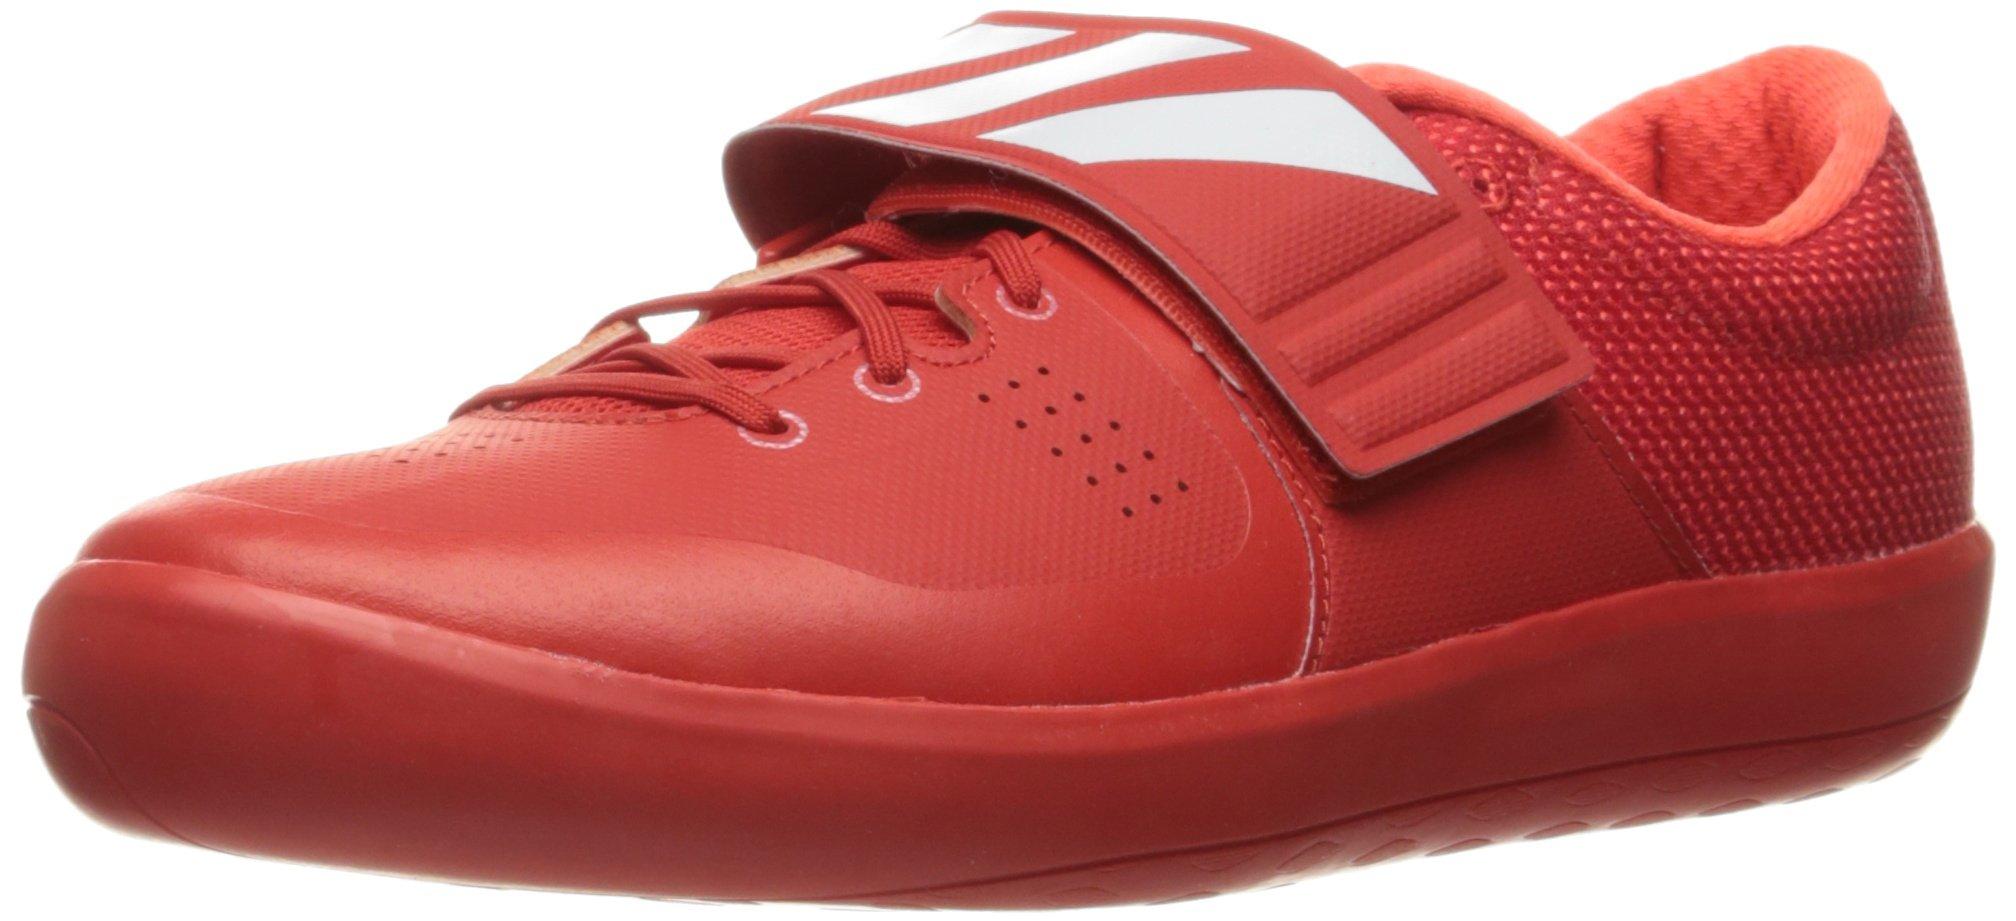 adidas Adizero Shotput Track Shoe, Red/White/Infrared, 9.5 M US